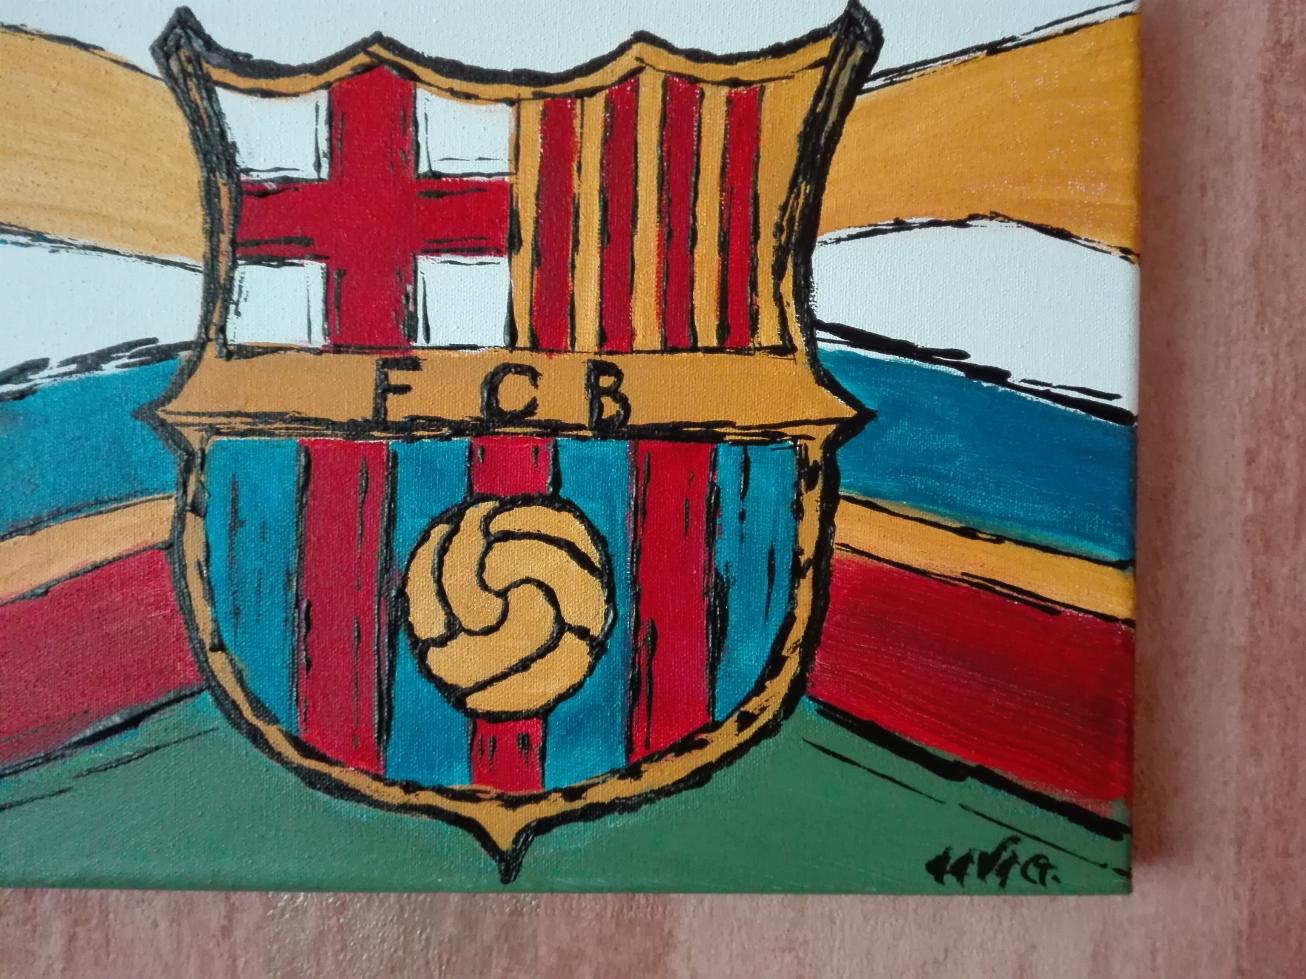 barcelona veb bydgoszcz akryl obraz eeve